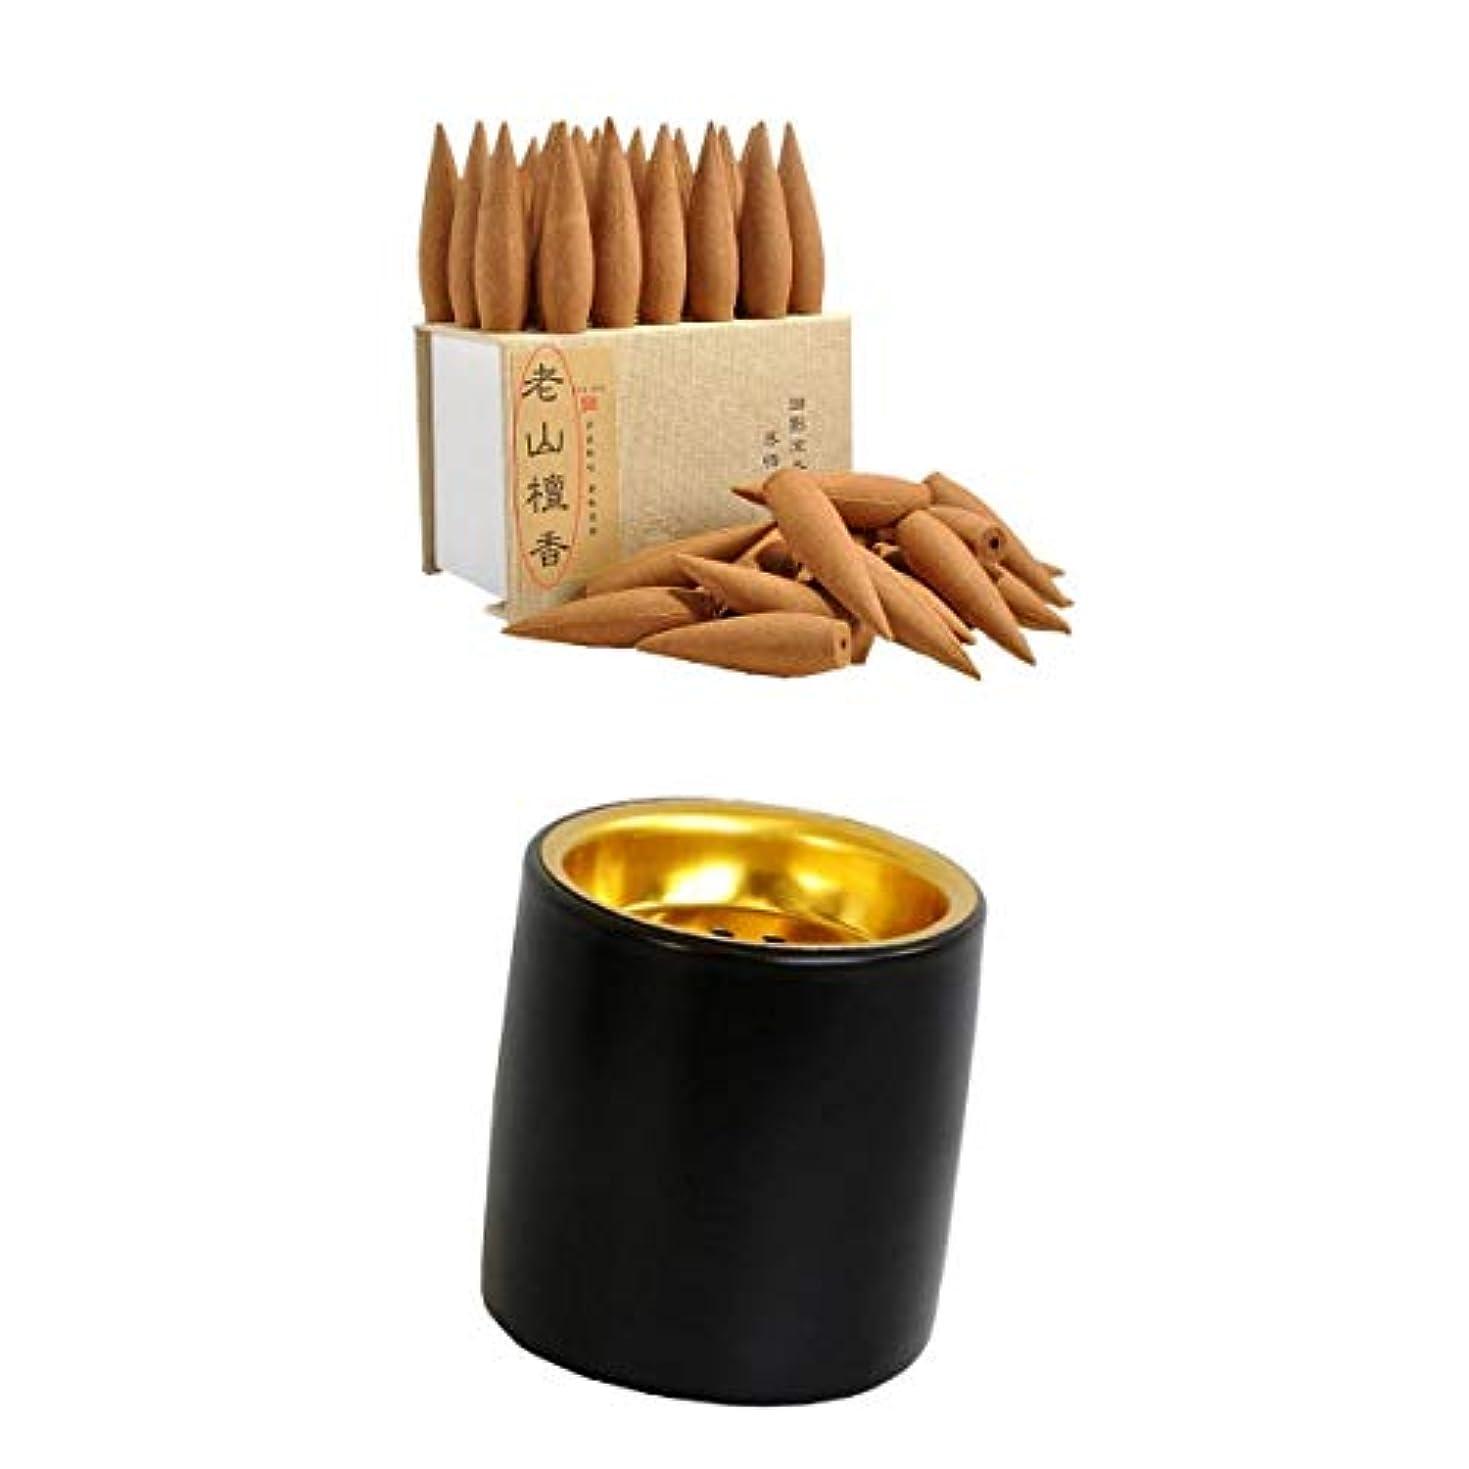 葬儀ファイル低いjoyMerit 香コーンモダンインテリアデスクトップ飾りと香アロマバーナー(ブラック)